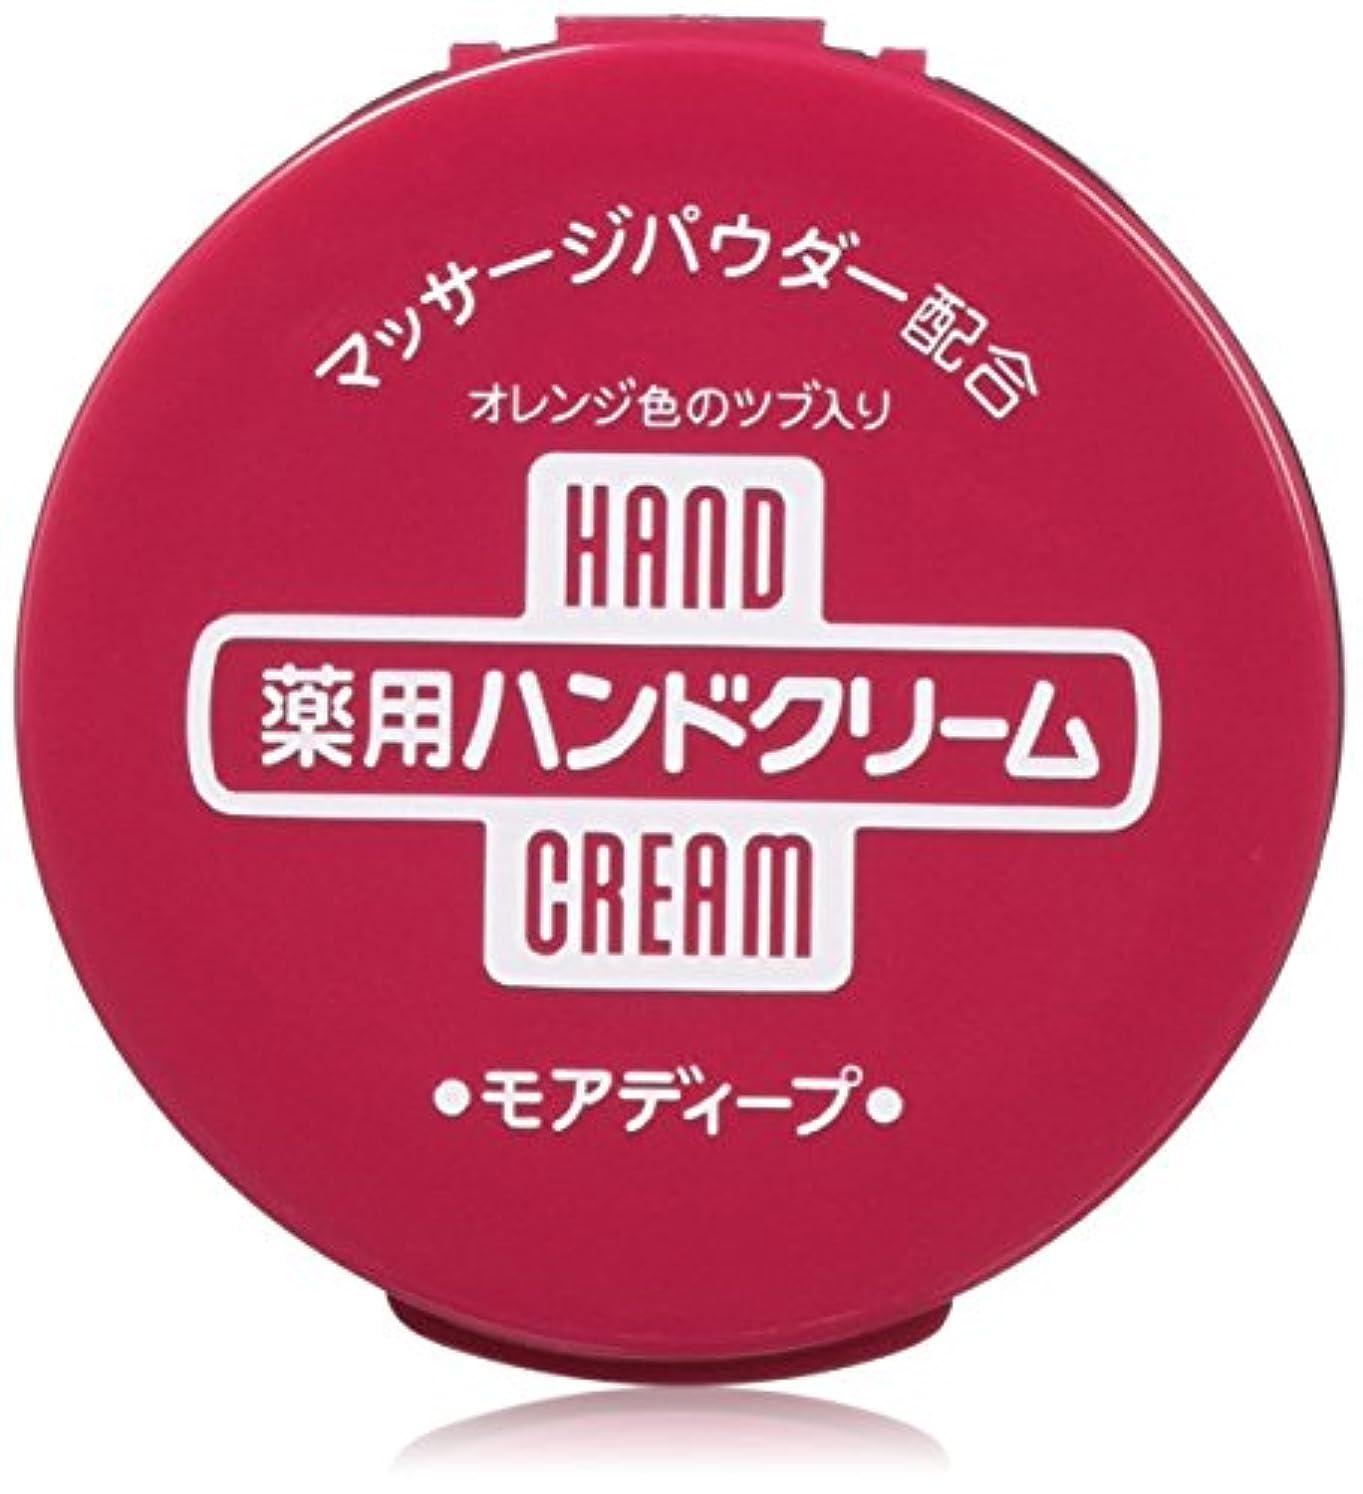 ケープ人類痴漢【まとめ買い】薬用ハンドクリーム モアディープ 100g×12個